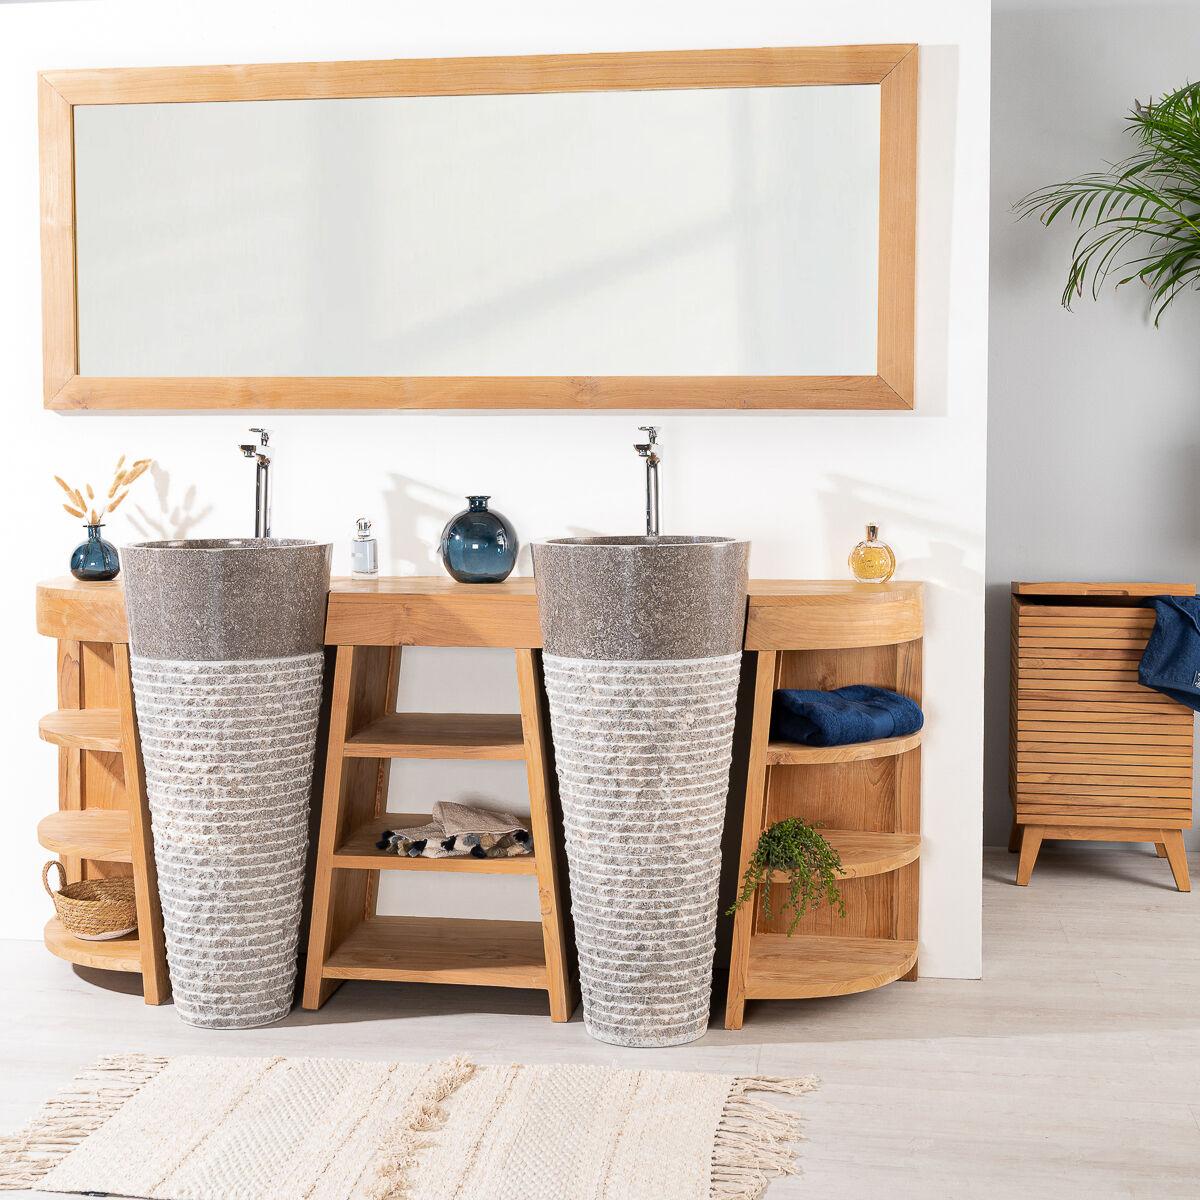 Wanda Collection Meuble de salle de bain en teck Florence double 180cm + vasques gris